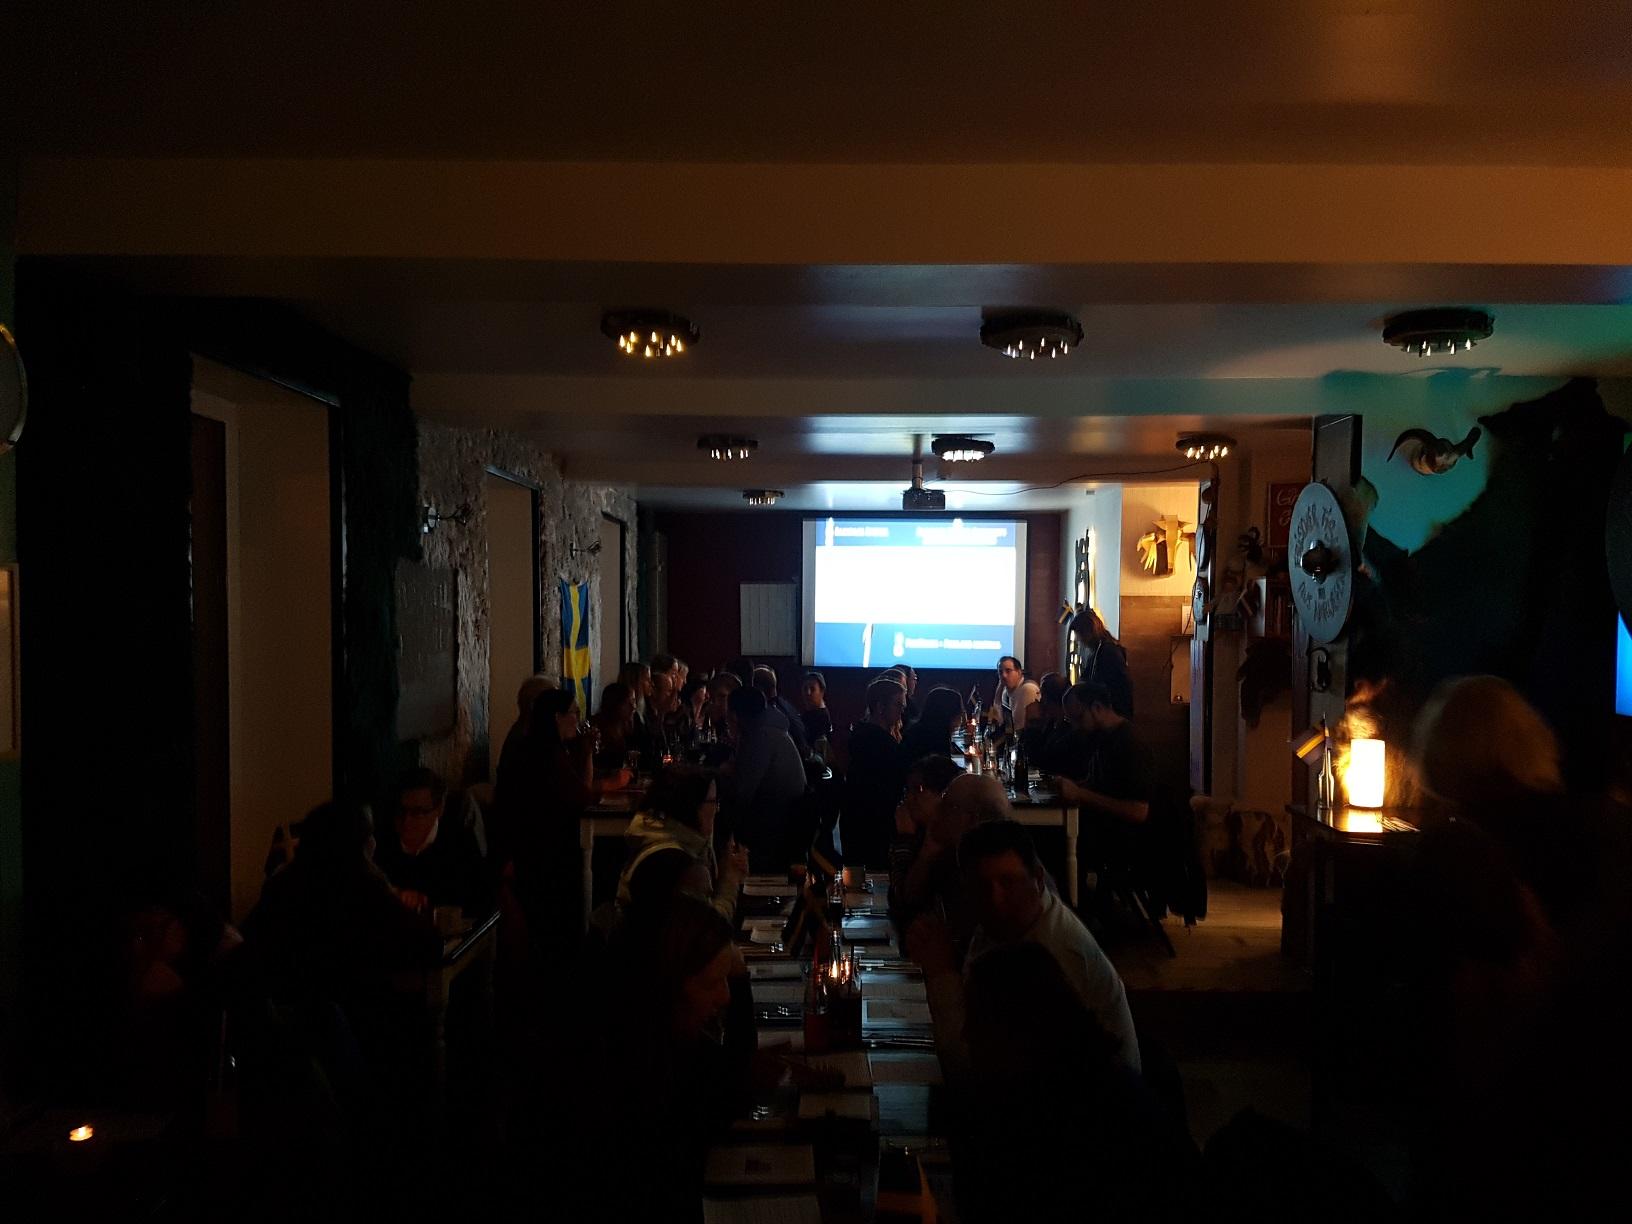 Voll besetztes Smorgas Nordisk Restaurant in Frankfurt